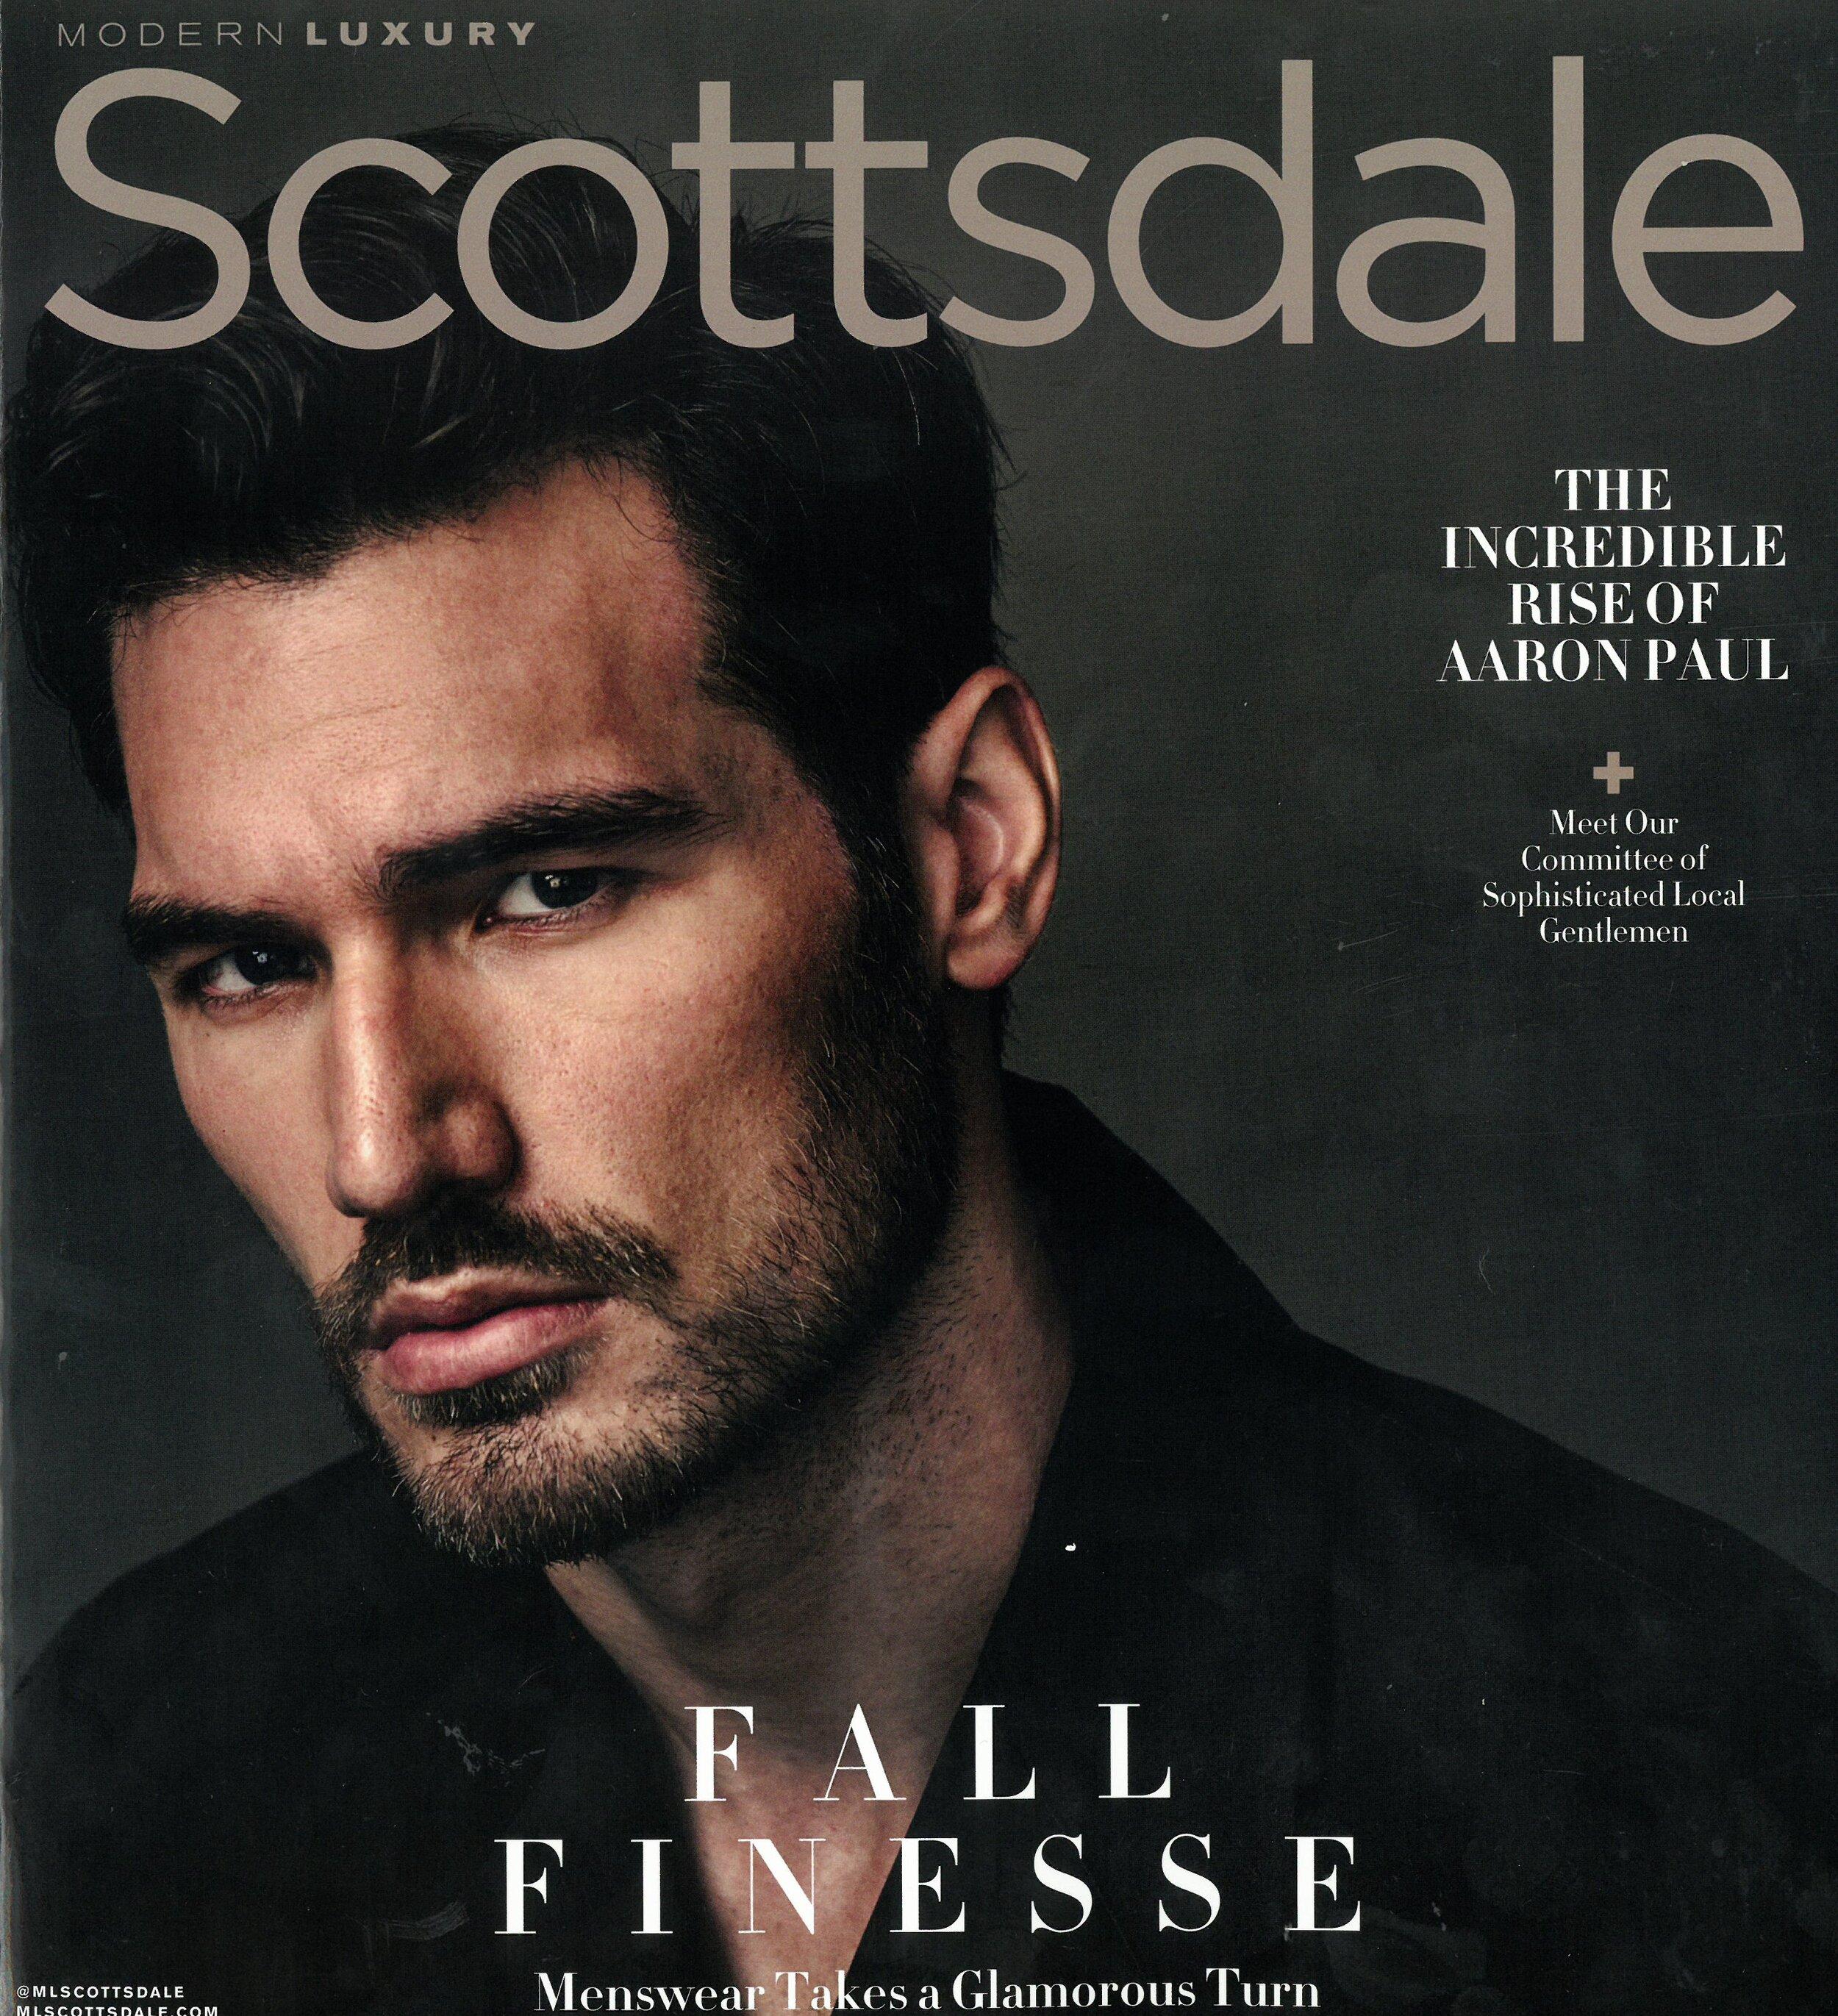 Scottsdale cover.jpg